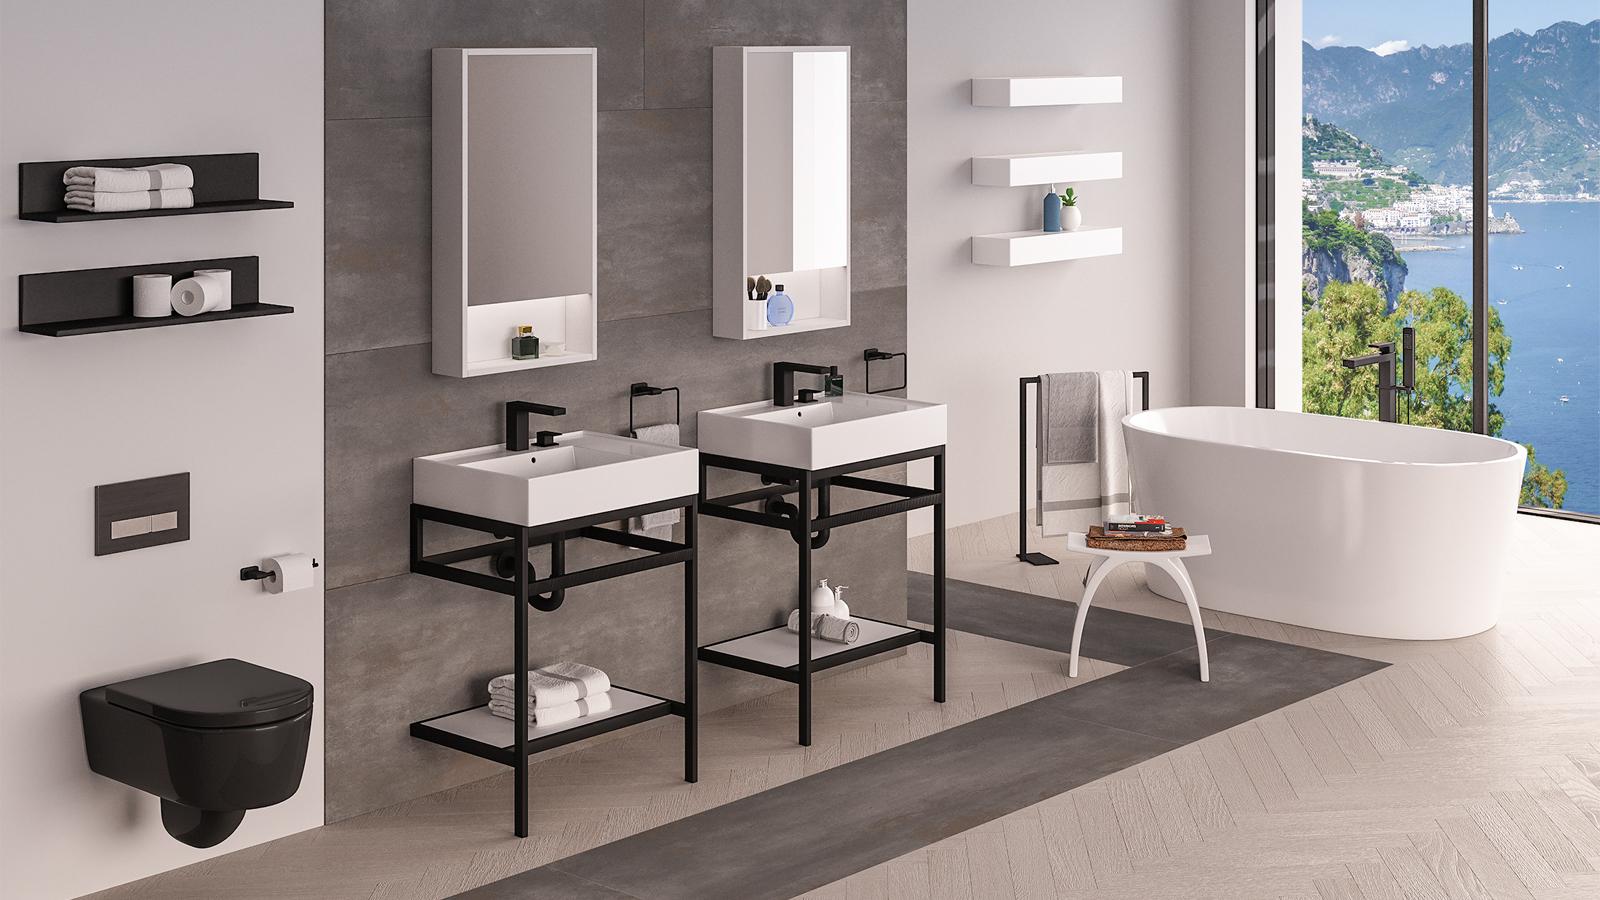 Aquaotto sinks + Aquatre tub